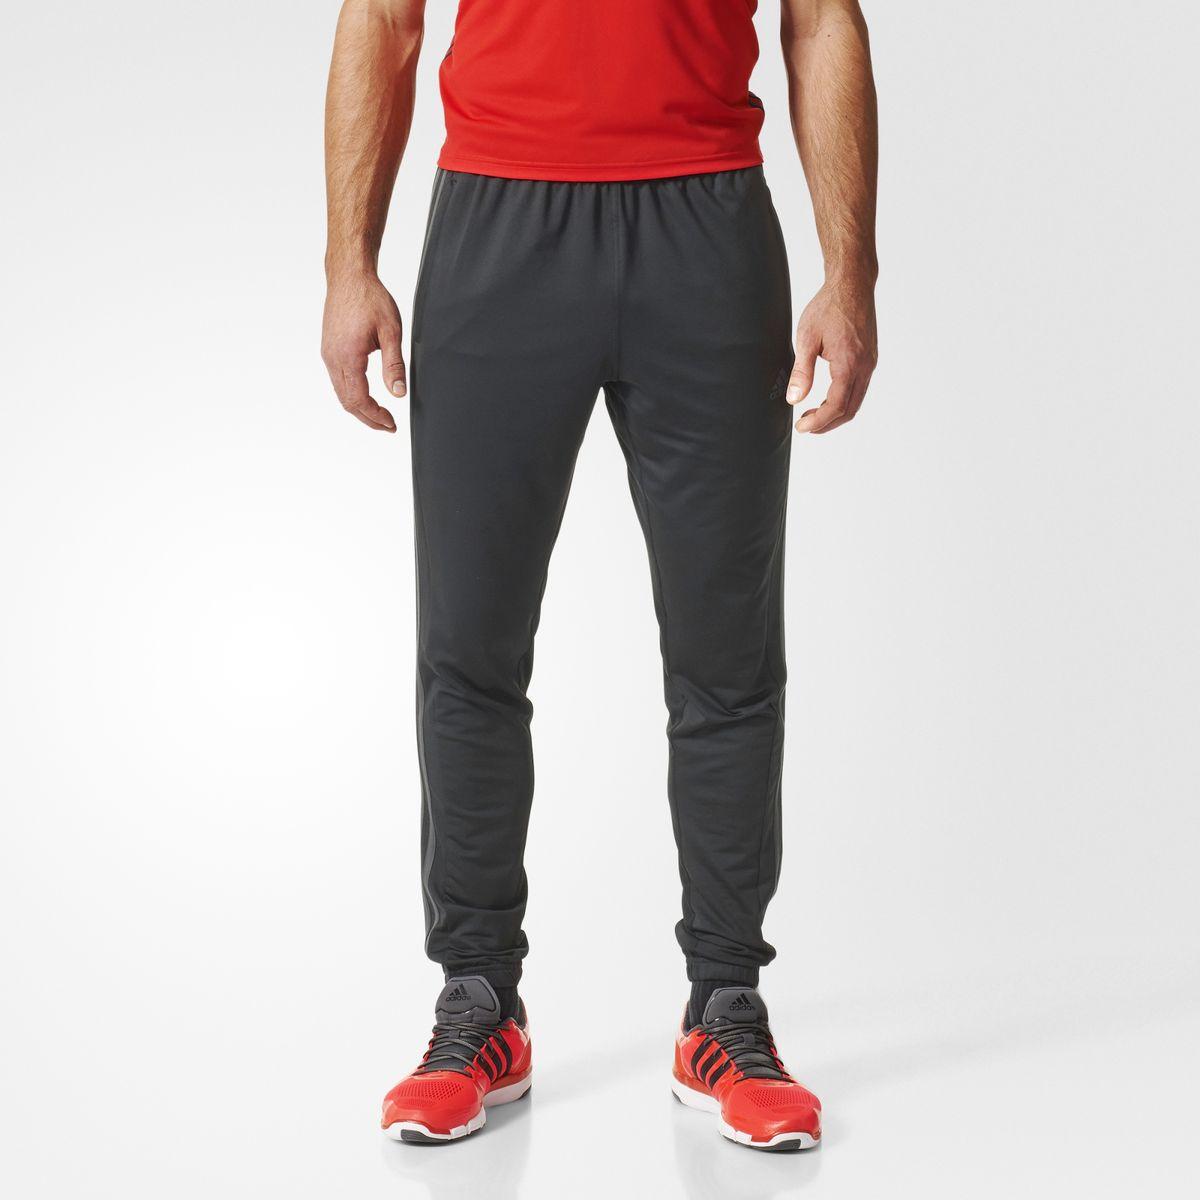 Брюки спортивные мужские. AJ5563AJ5563БРЮКИ COOL365 СПОРТИВНЫЕ БРЮКИ ДЛЯ САМЫХ ИНТЕНСИВНЫХ ТРЕНИРОВОК. Мужские спортивные брюки для идеального баланса тепла и вентиляции во время тренировок. Модель с технологией climacool эффективно отводит излишки пота от кожи, поддерживая комфортную температуру тела. Эластичный трикотаж для свободы естественных движений. Длина по внутреннему шву 75,5 см (размер 50) Технология climacool сохраняет приятные ощущения прохлады и свежести благодаря специальным сетчатым вставкам Боковые карманы на молнии; эластичный пояс на регулируемых завязках-шнурках; рифленые манжеты; эластичная ткань; зауженные брючины Эта модель — часть экологической программы adidas: использованы технологии, сберегающие природные ресурсы; каждая нить имеет значение: переработанный полиэстер сохраняет природные ресурсы и уменьшает отходы производства Зауженный к низу крой